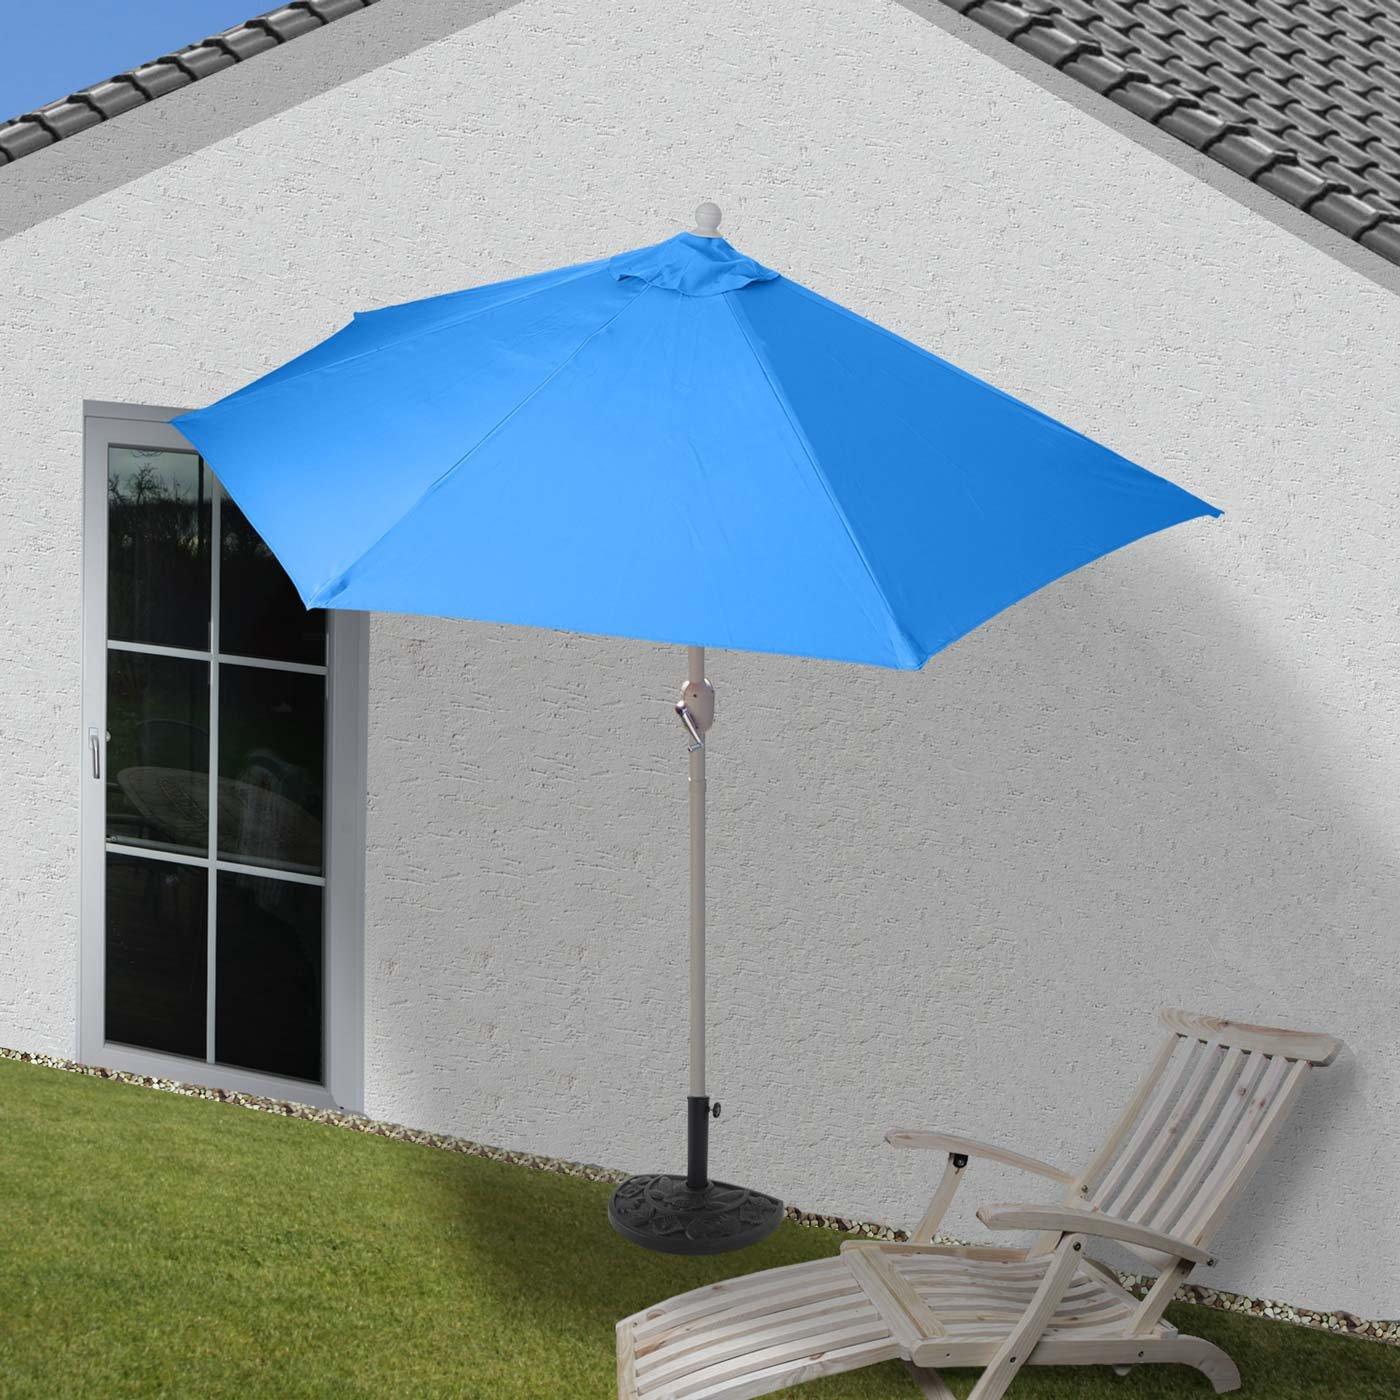 Mendler Parasol Parla ~ 270cm Anthracite avec Pied h/émicycle Parasol de Balcon UV 50